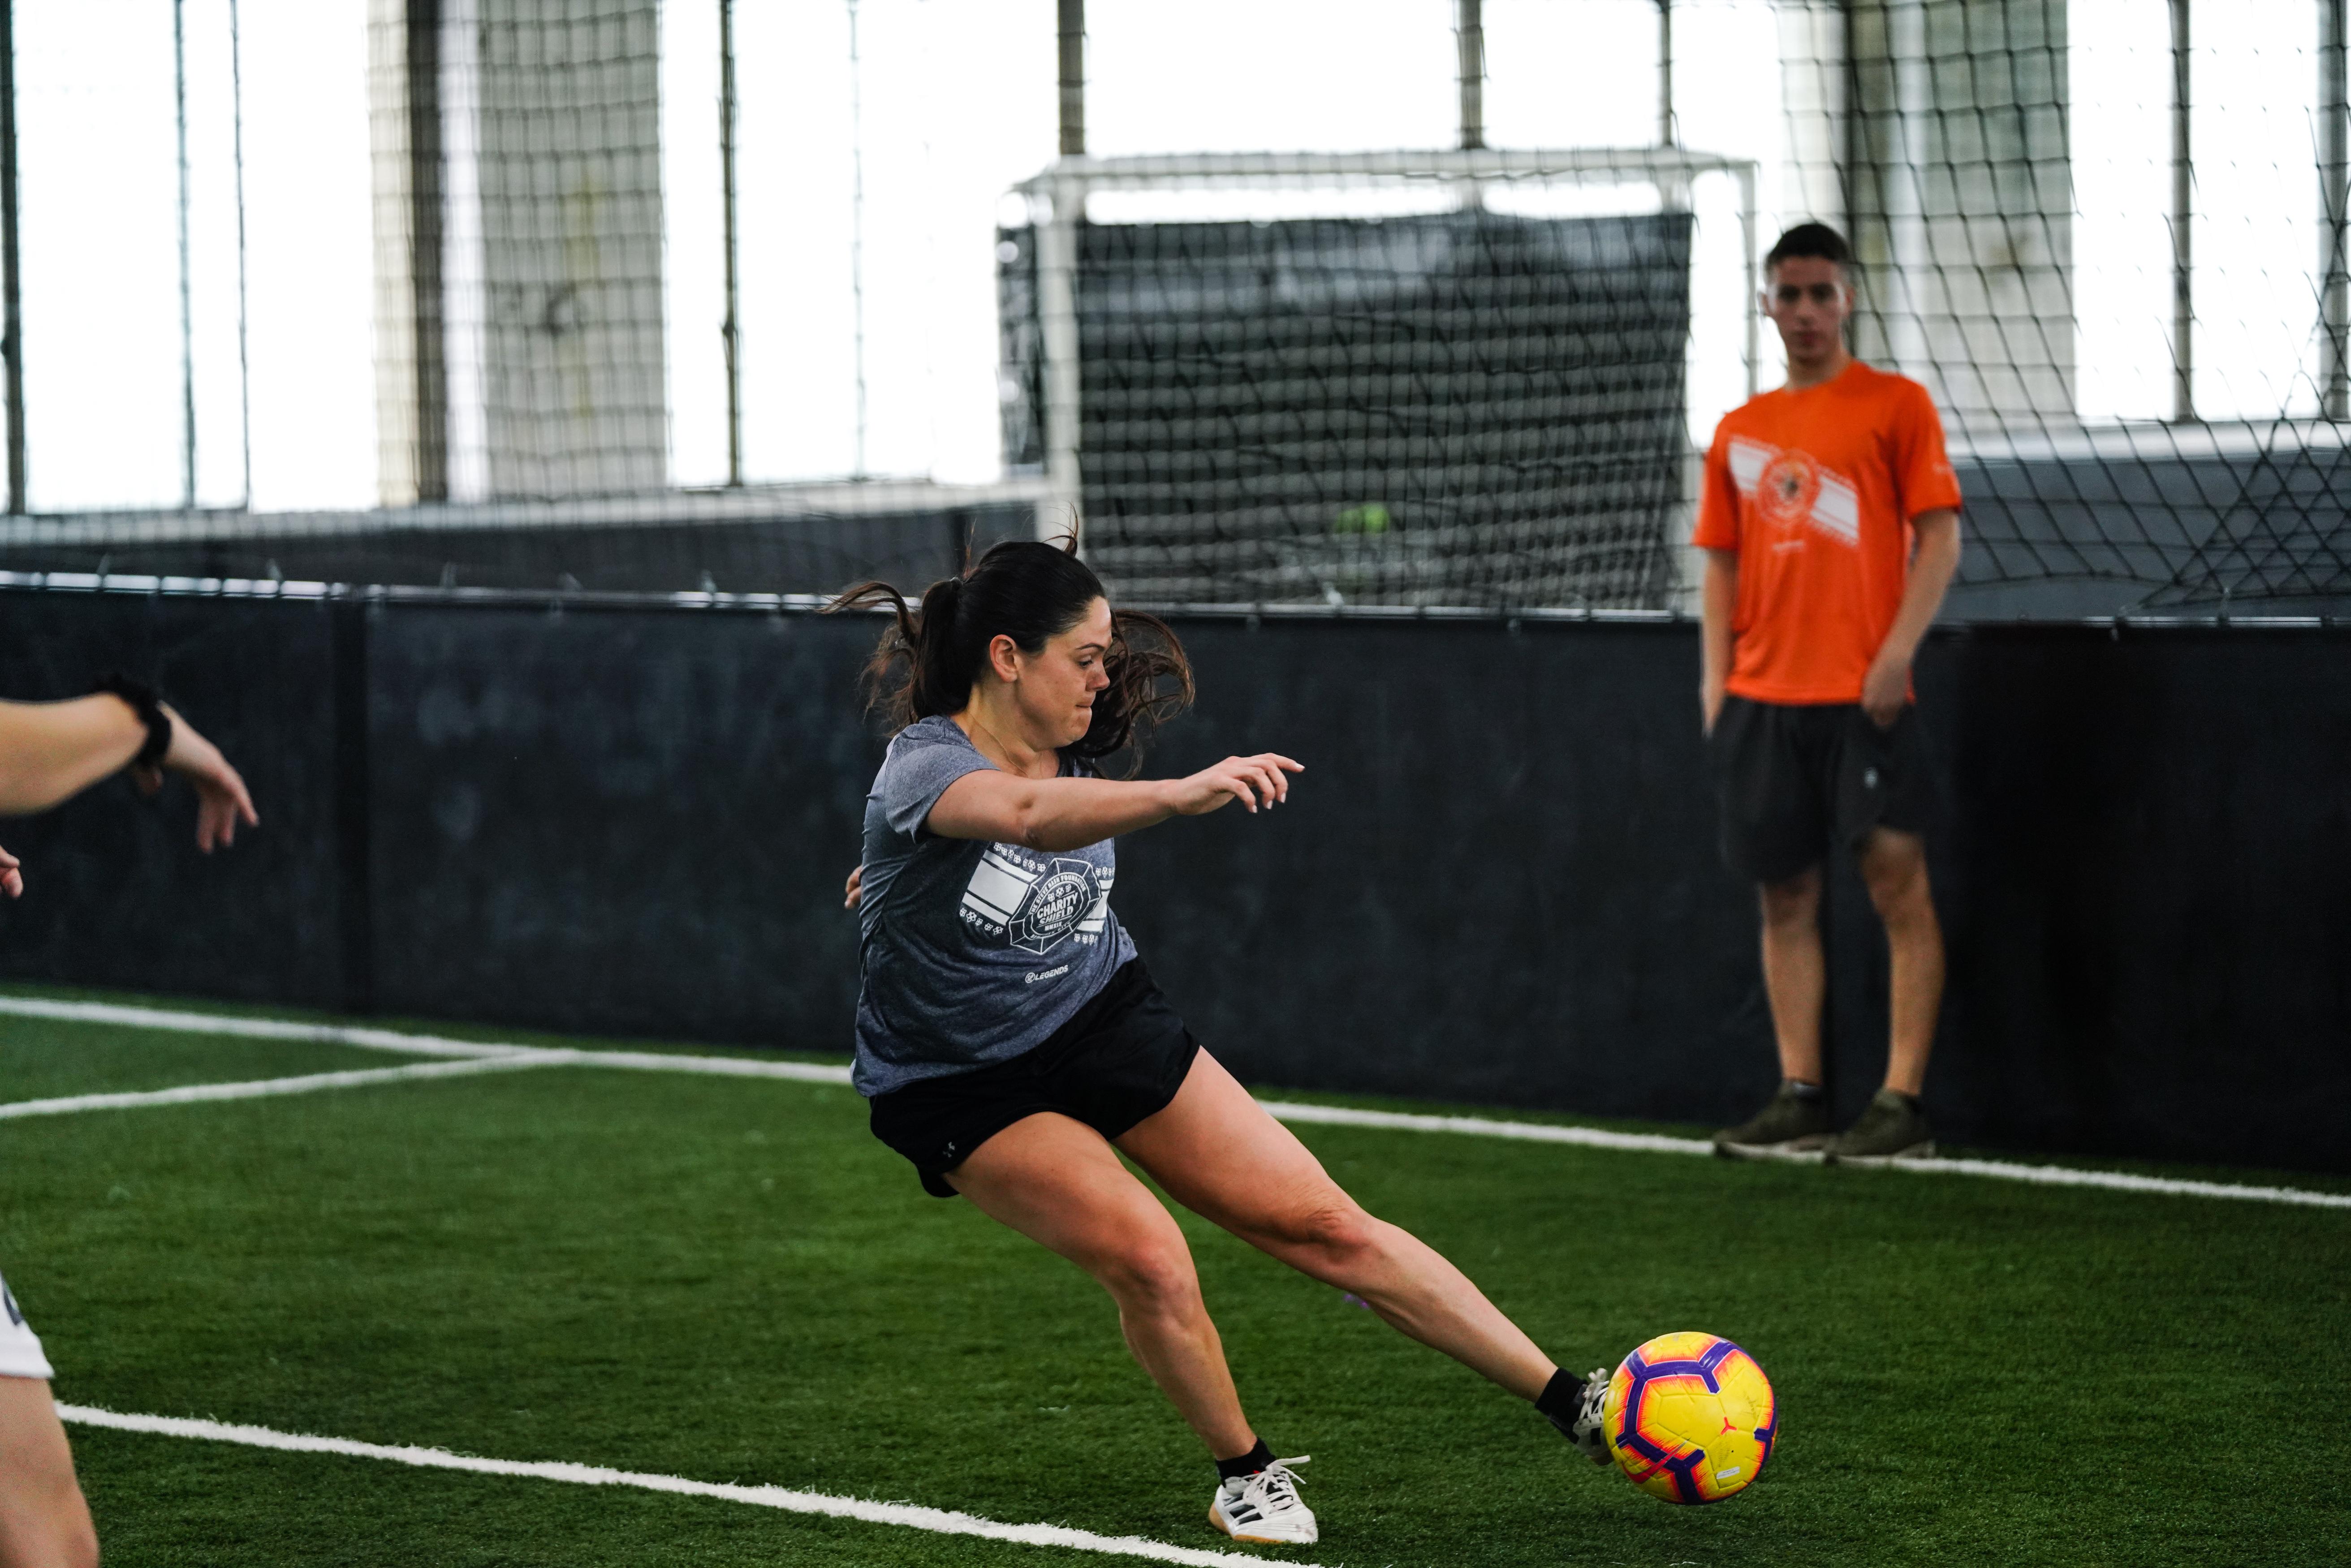 DSC00177 - Krista Kicks